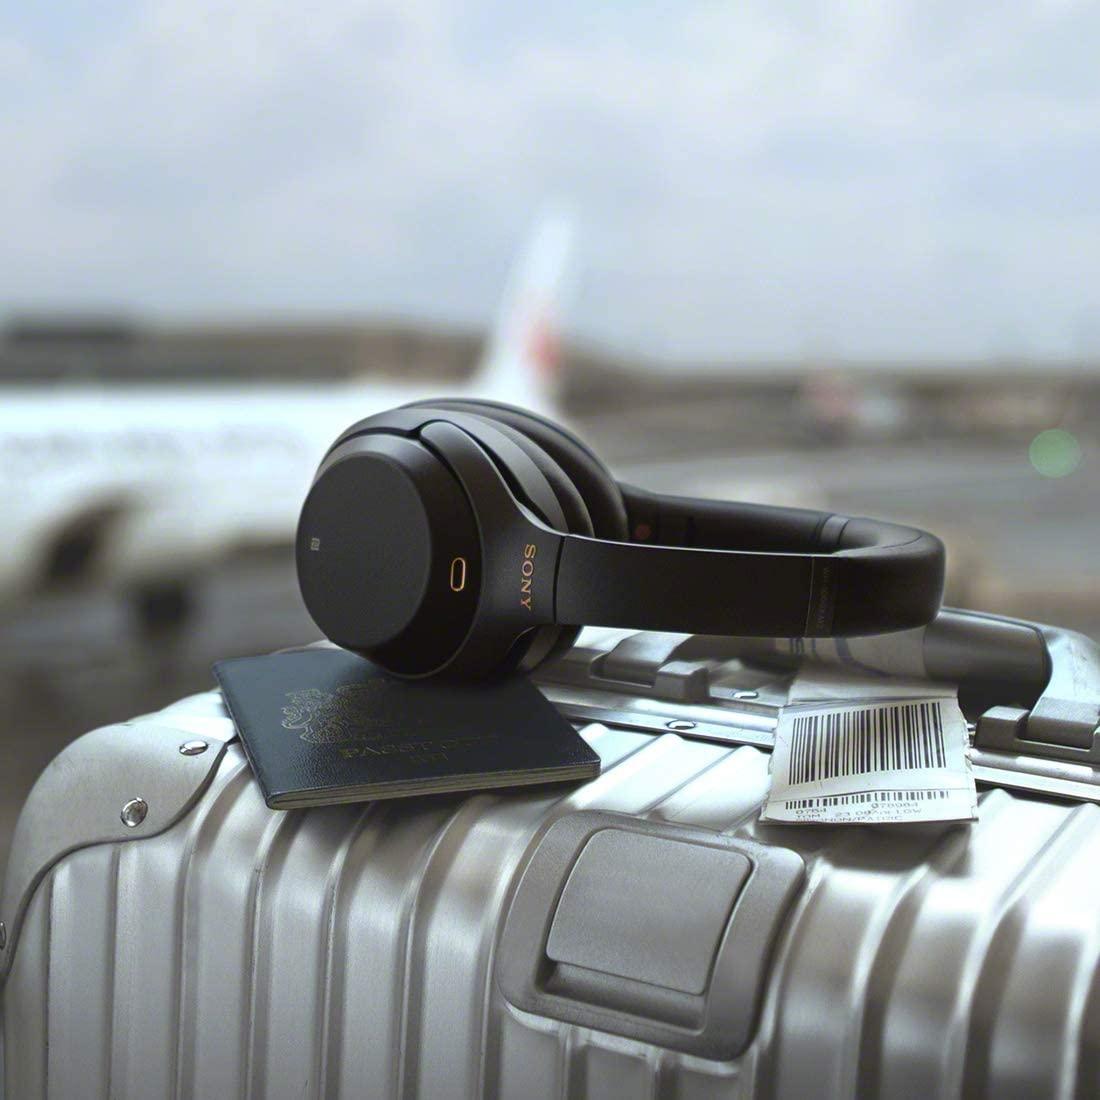 SONY(ソニー) ワイヤレスノイズキャンセリングステレオヘッドセット WH-1000XM3の商品画像8